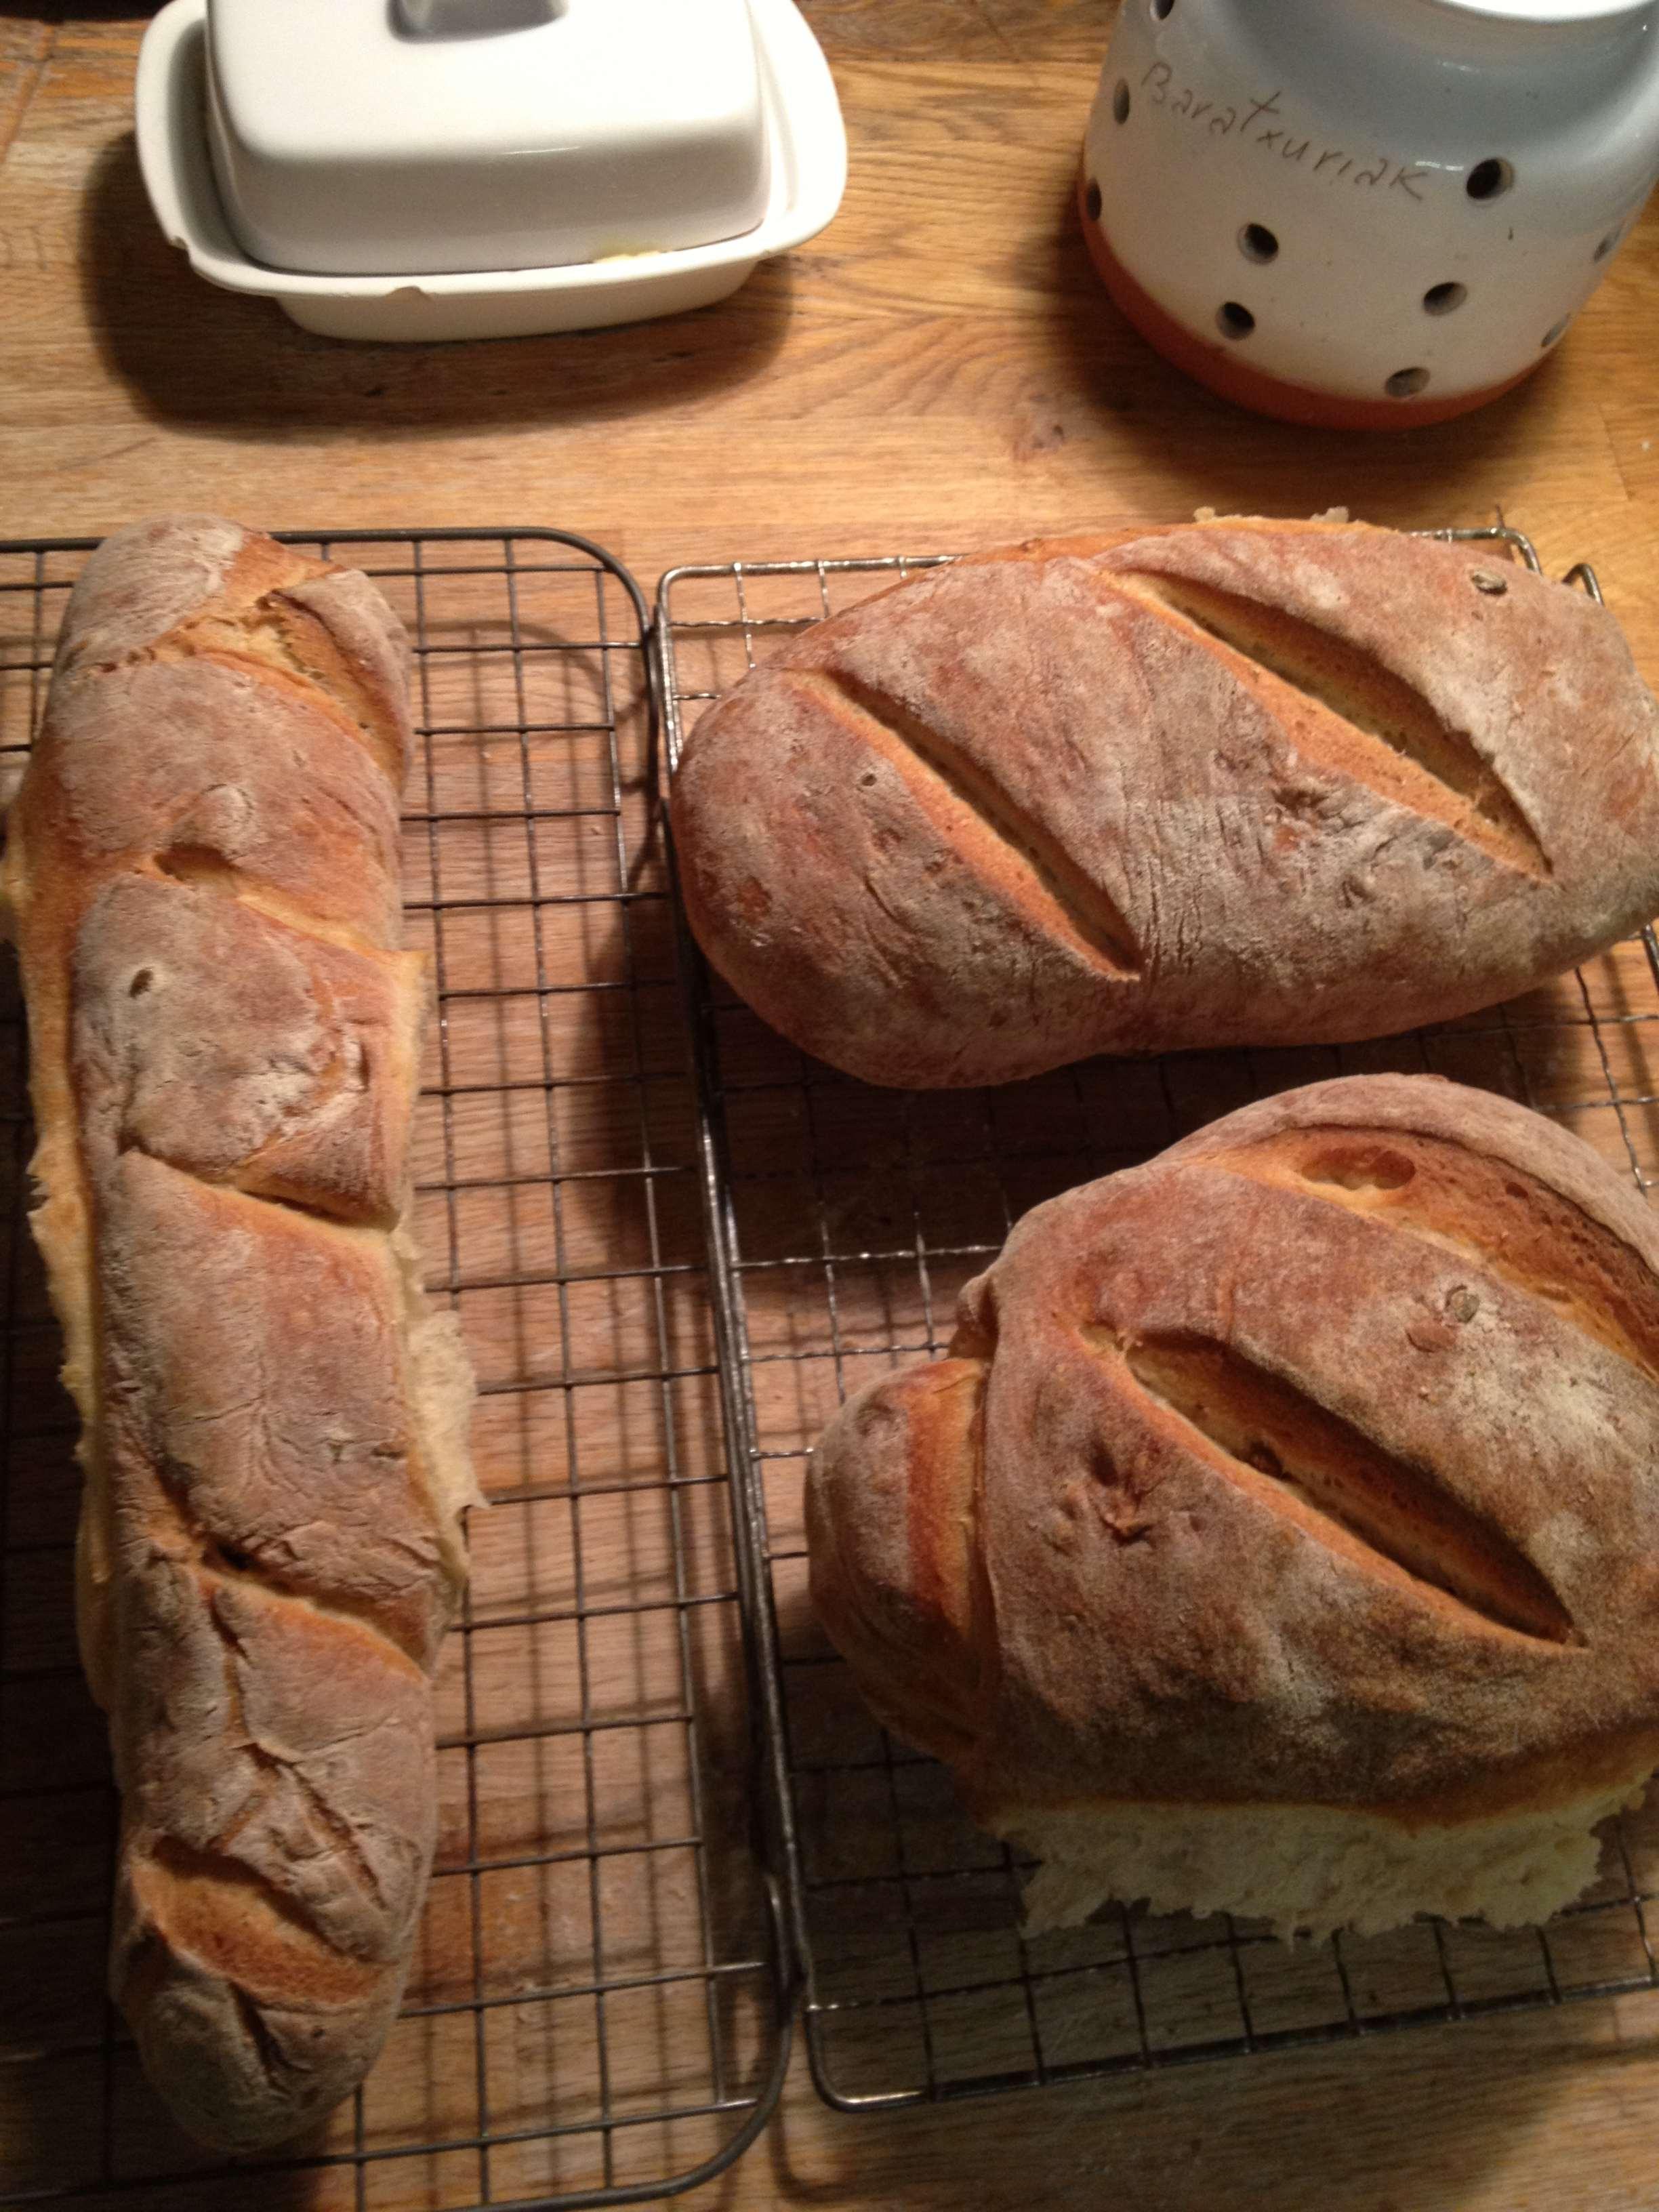 Artisan baking!